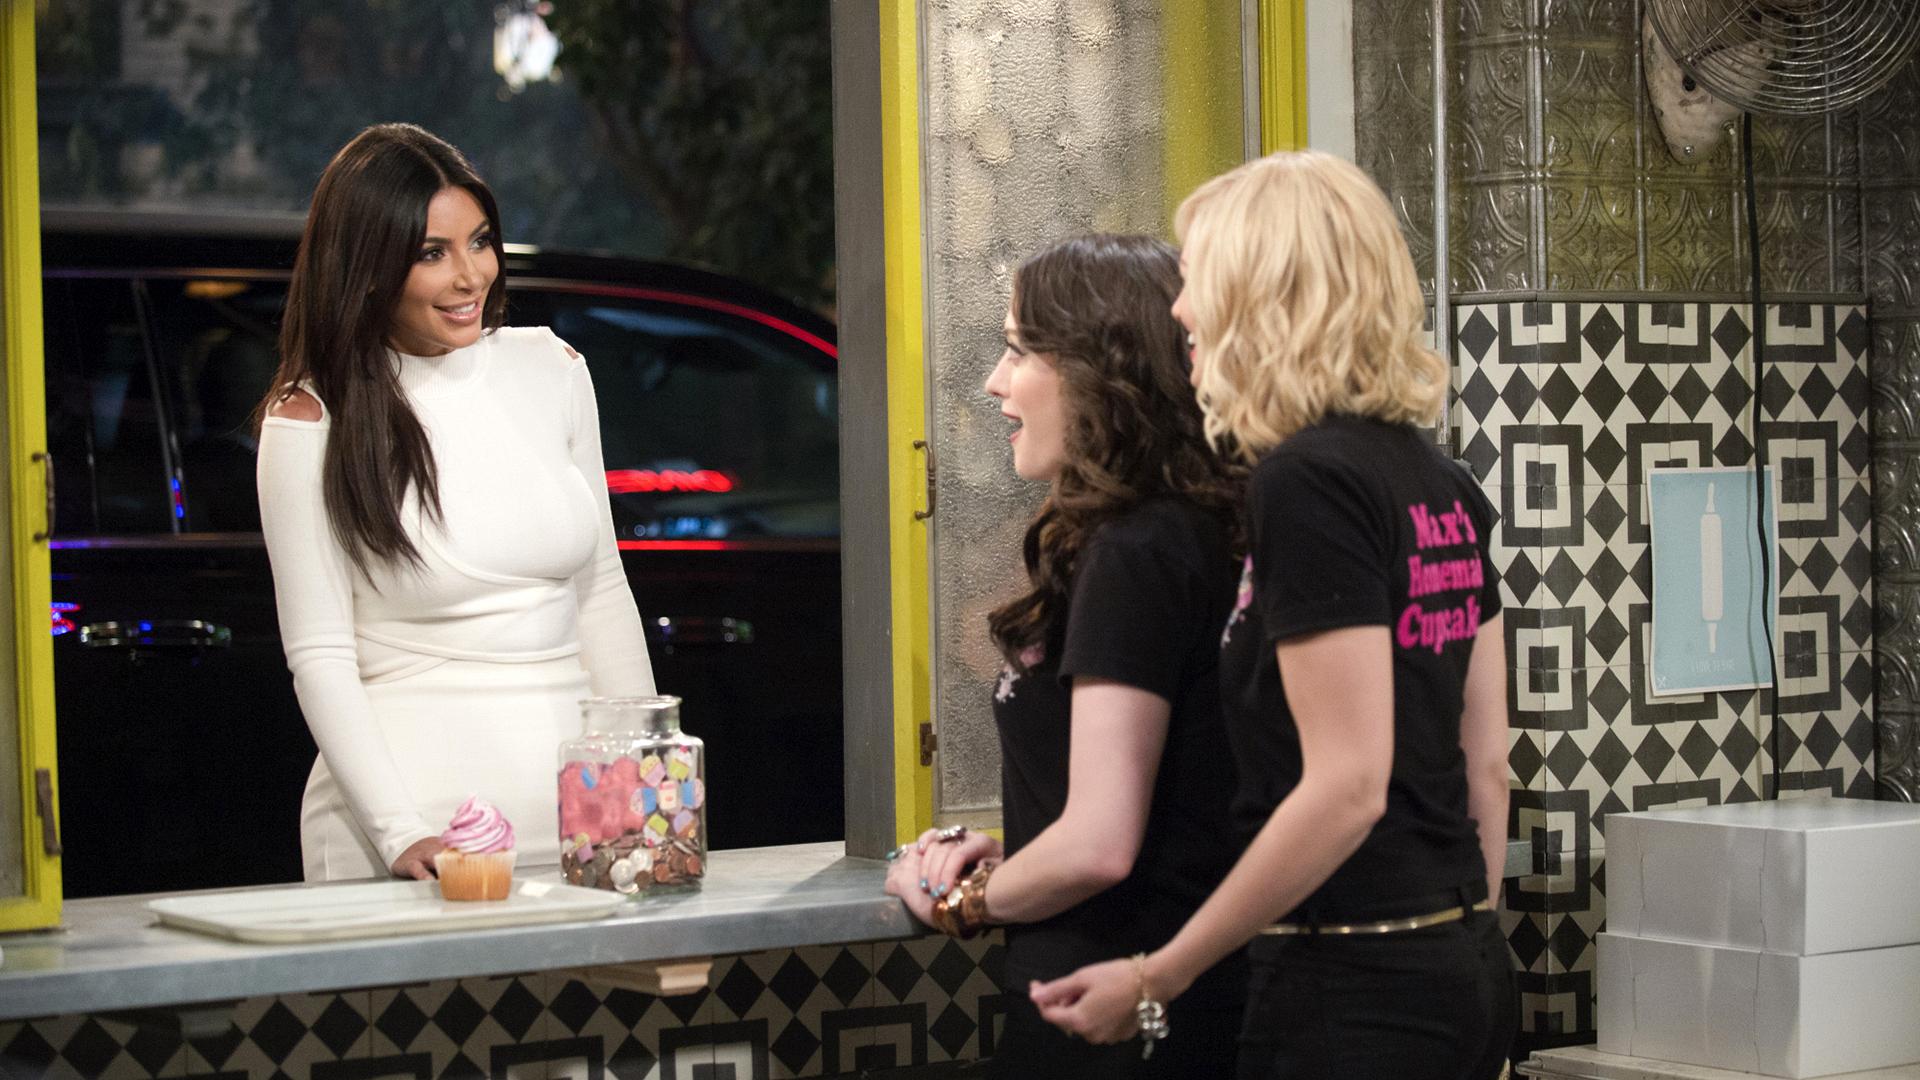 Kim Kardashian West - 2 Broke Girls